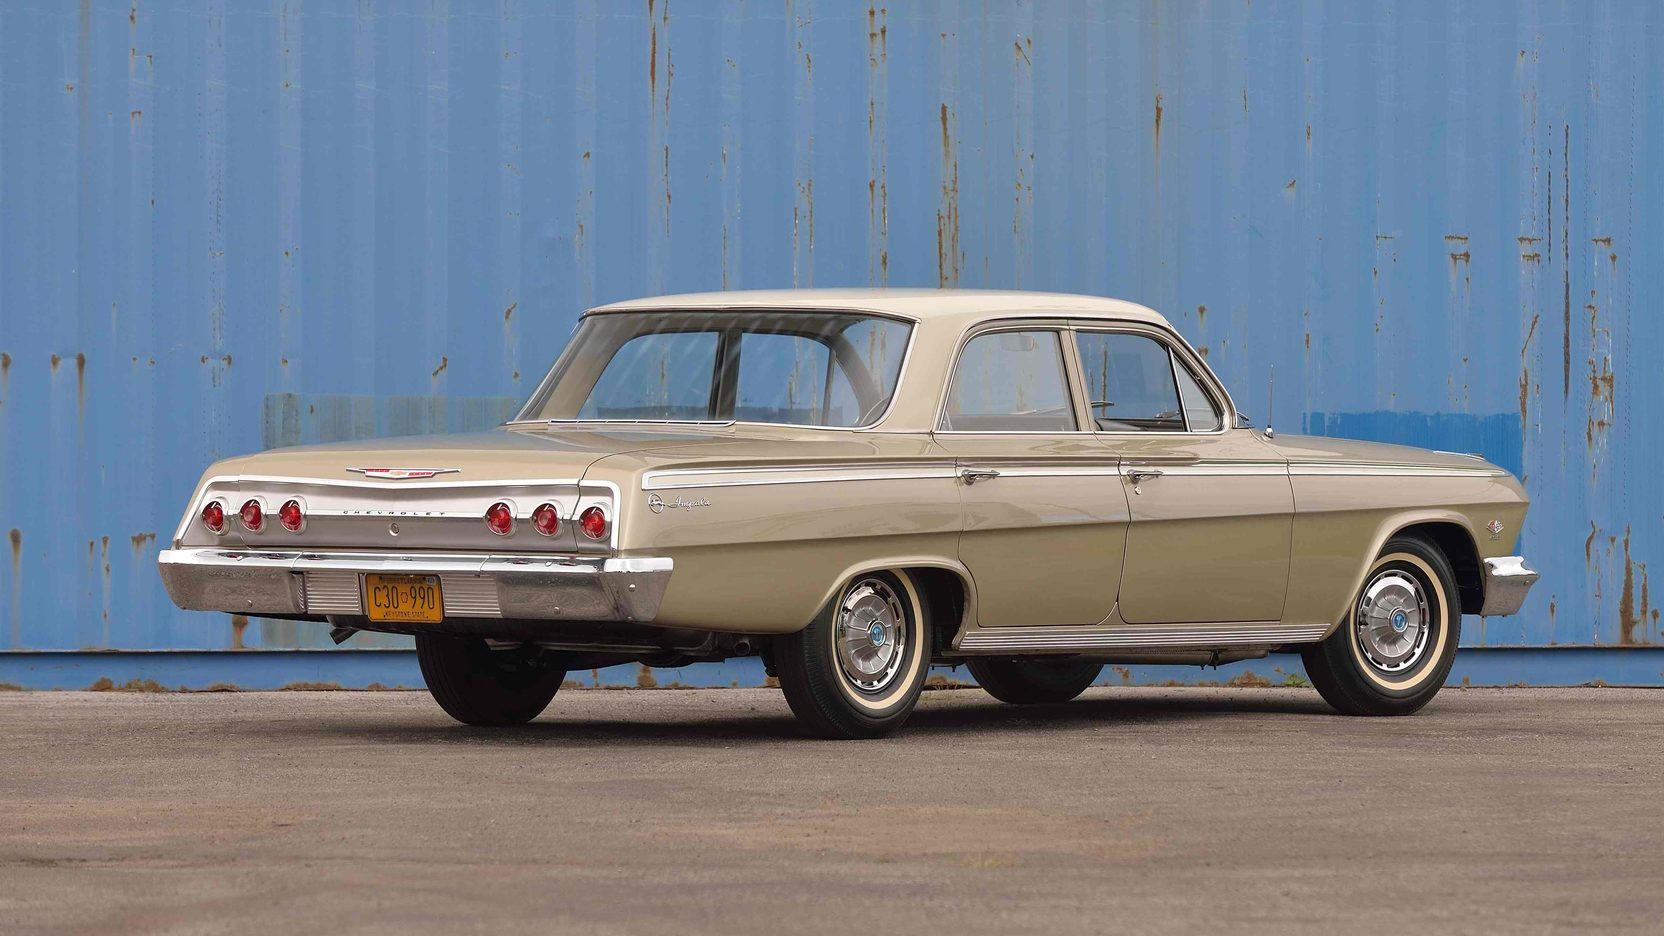 1962 Chevrolet Impala rear 3/4